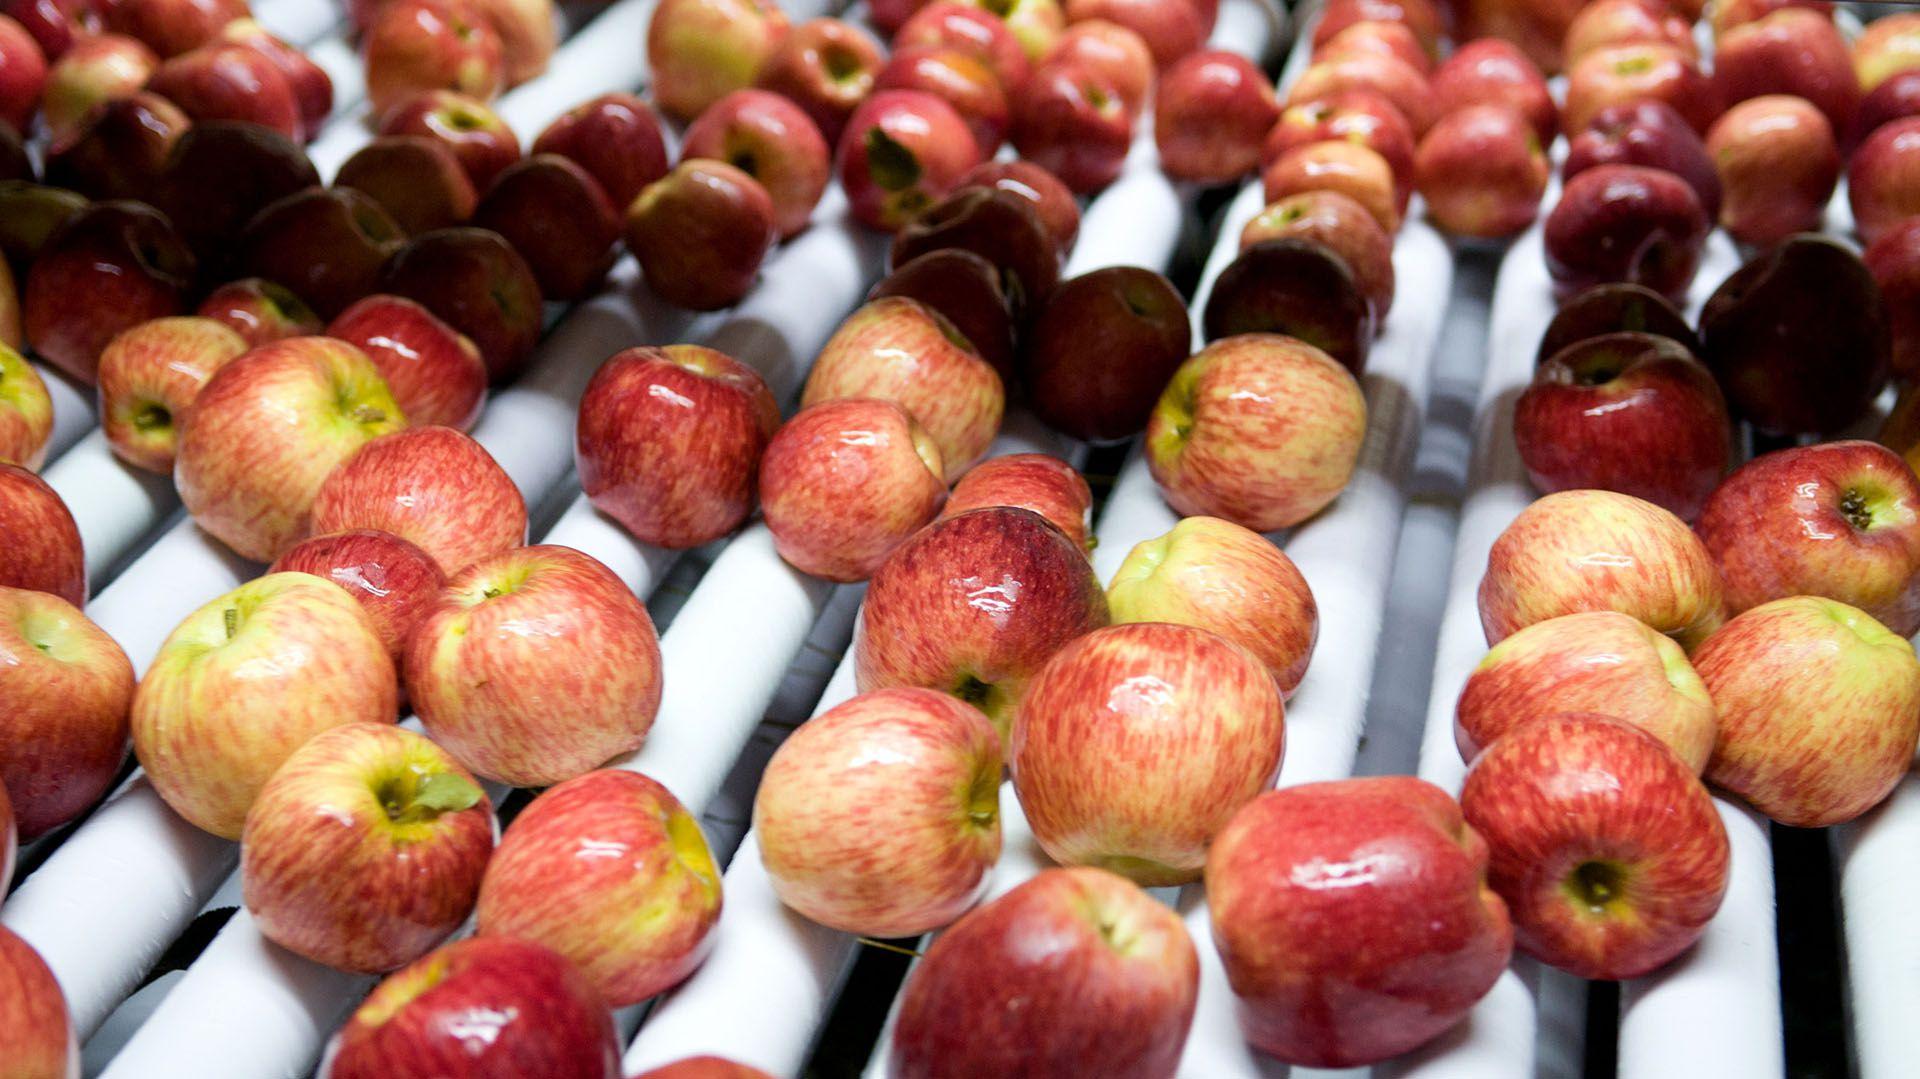 La manzana roja, que suele ser de los productos con más brecha, pasó al cuarto lugar bajando de 15,8 veces en el primer mes del año a 8,8 veces en el segundo, a causa del ingreso de la nueva cosecha, indicó CAME.